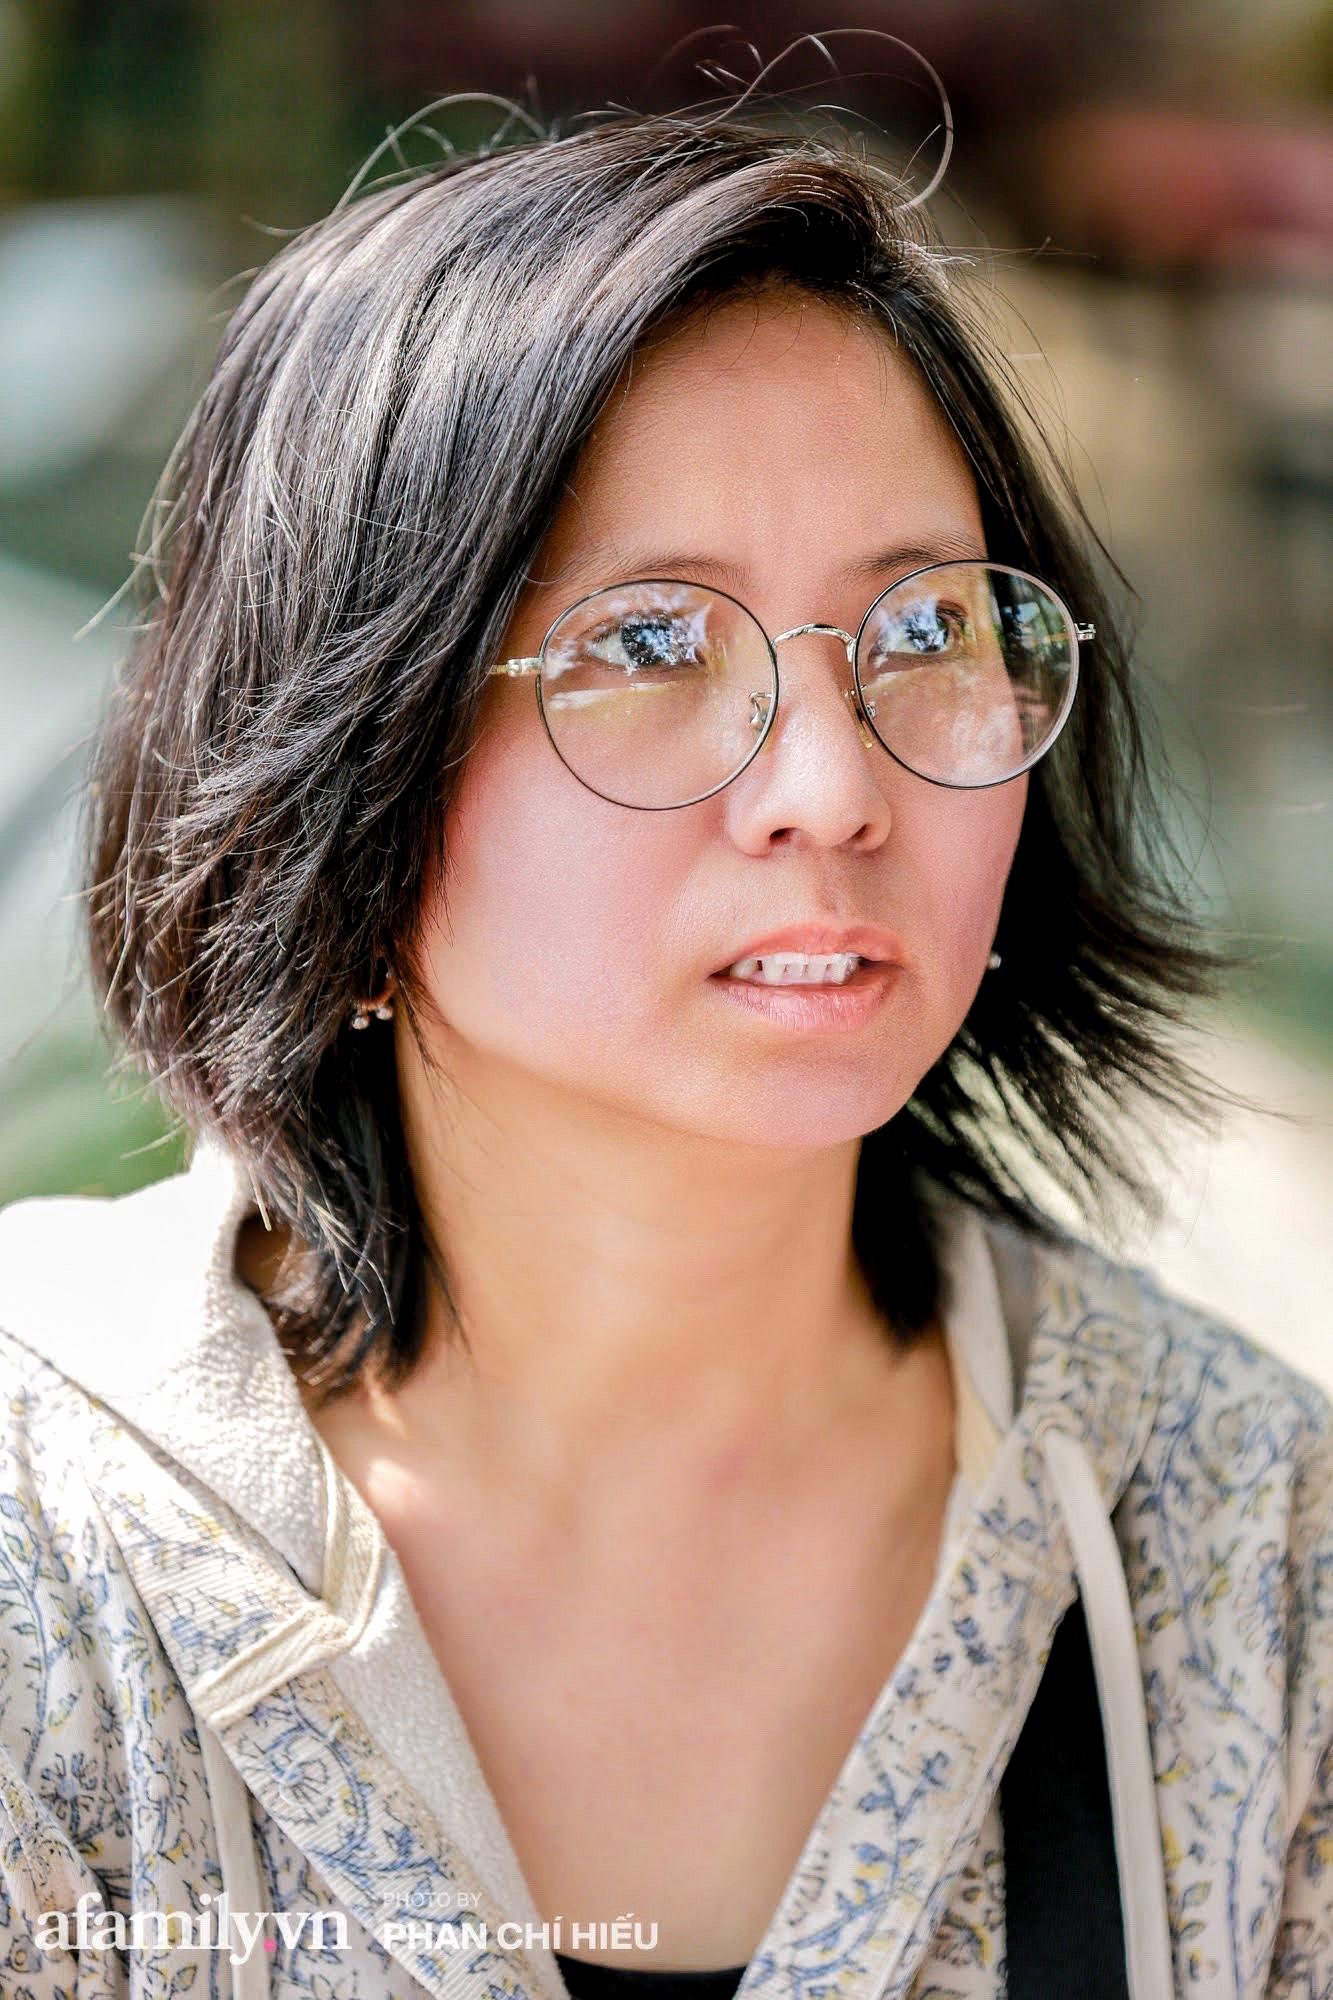 """Người Việt duy nhất lọt vào danh sách """"100 phụ nữ của năm 2020"""" trên toàn thế giới kể về cuộc gọi kỳ lạ từ phóng viên đài BBC, làm nên cột mốc quan trọng trong sự nghiệp - Ảnh 8."""